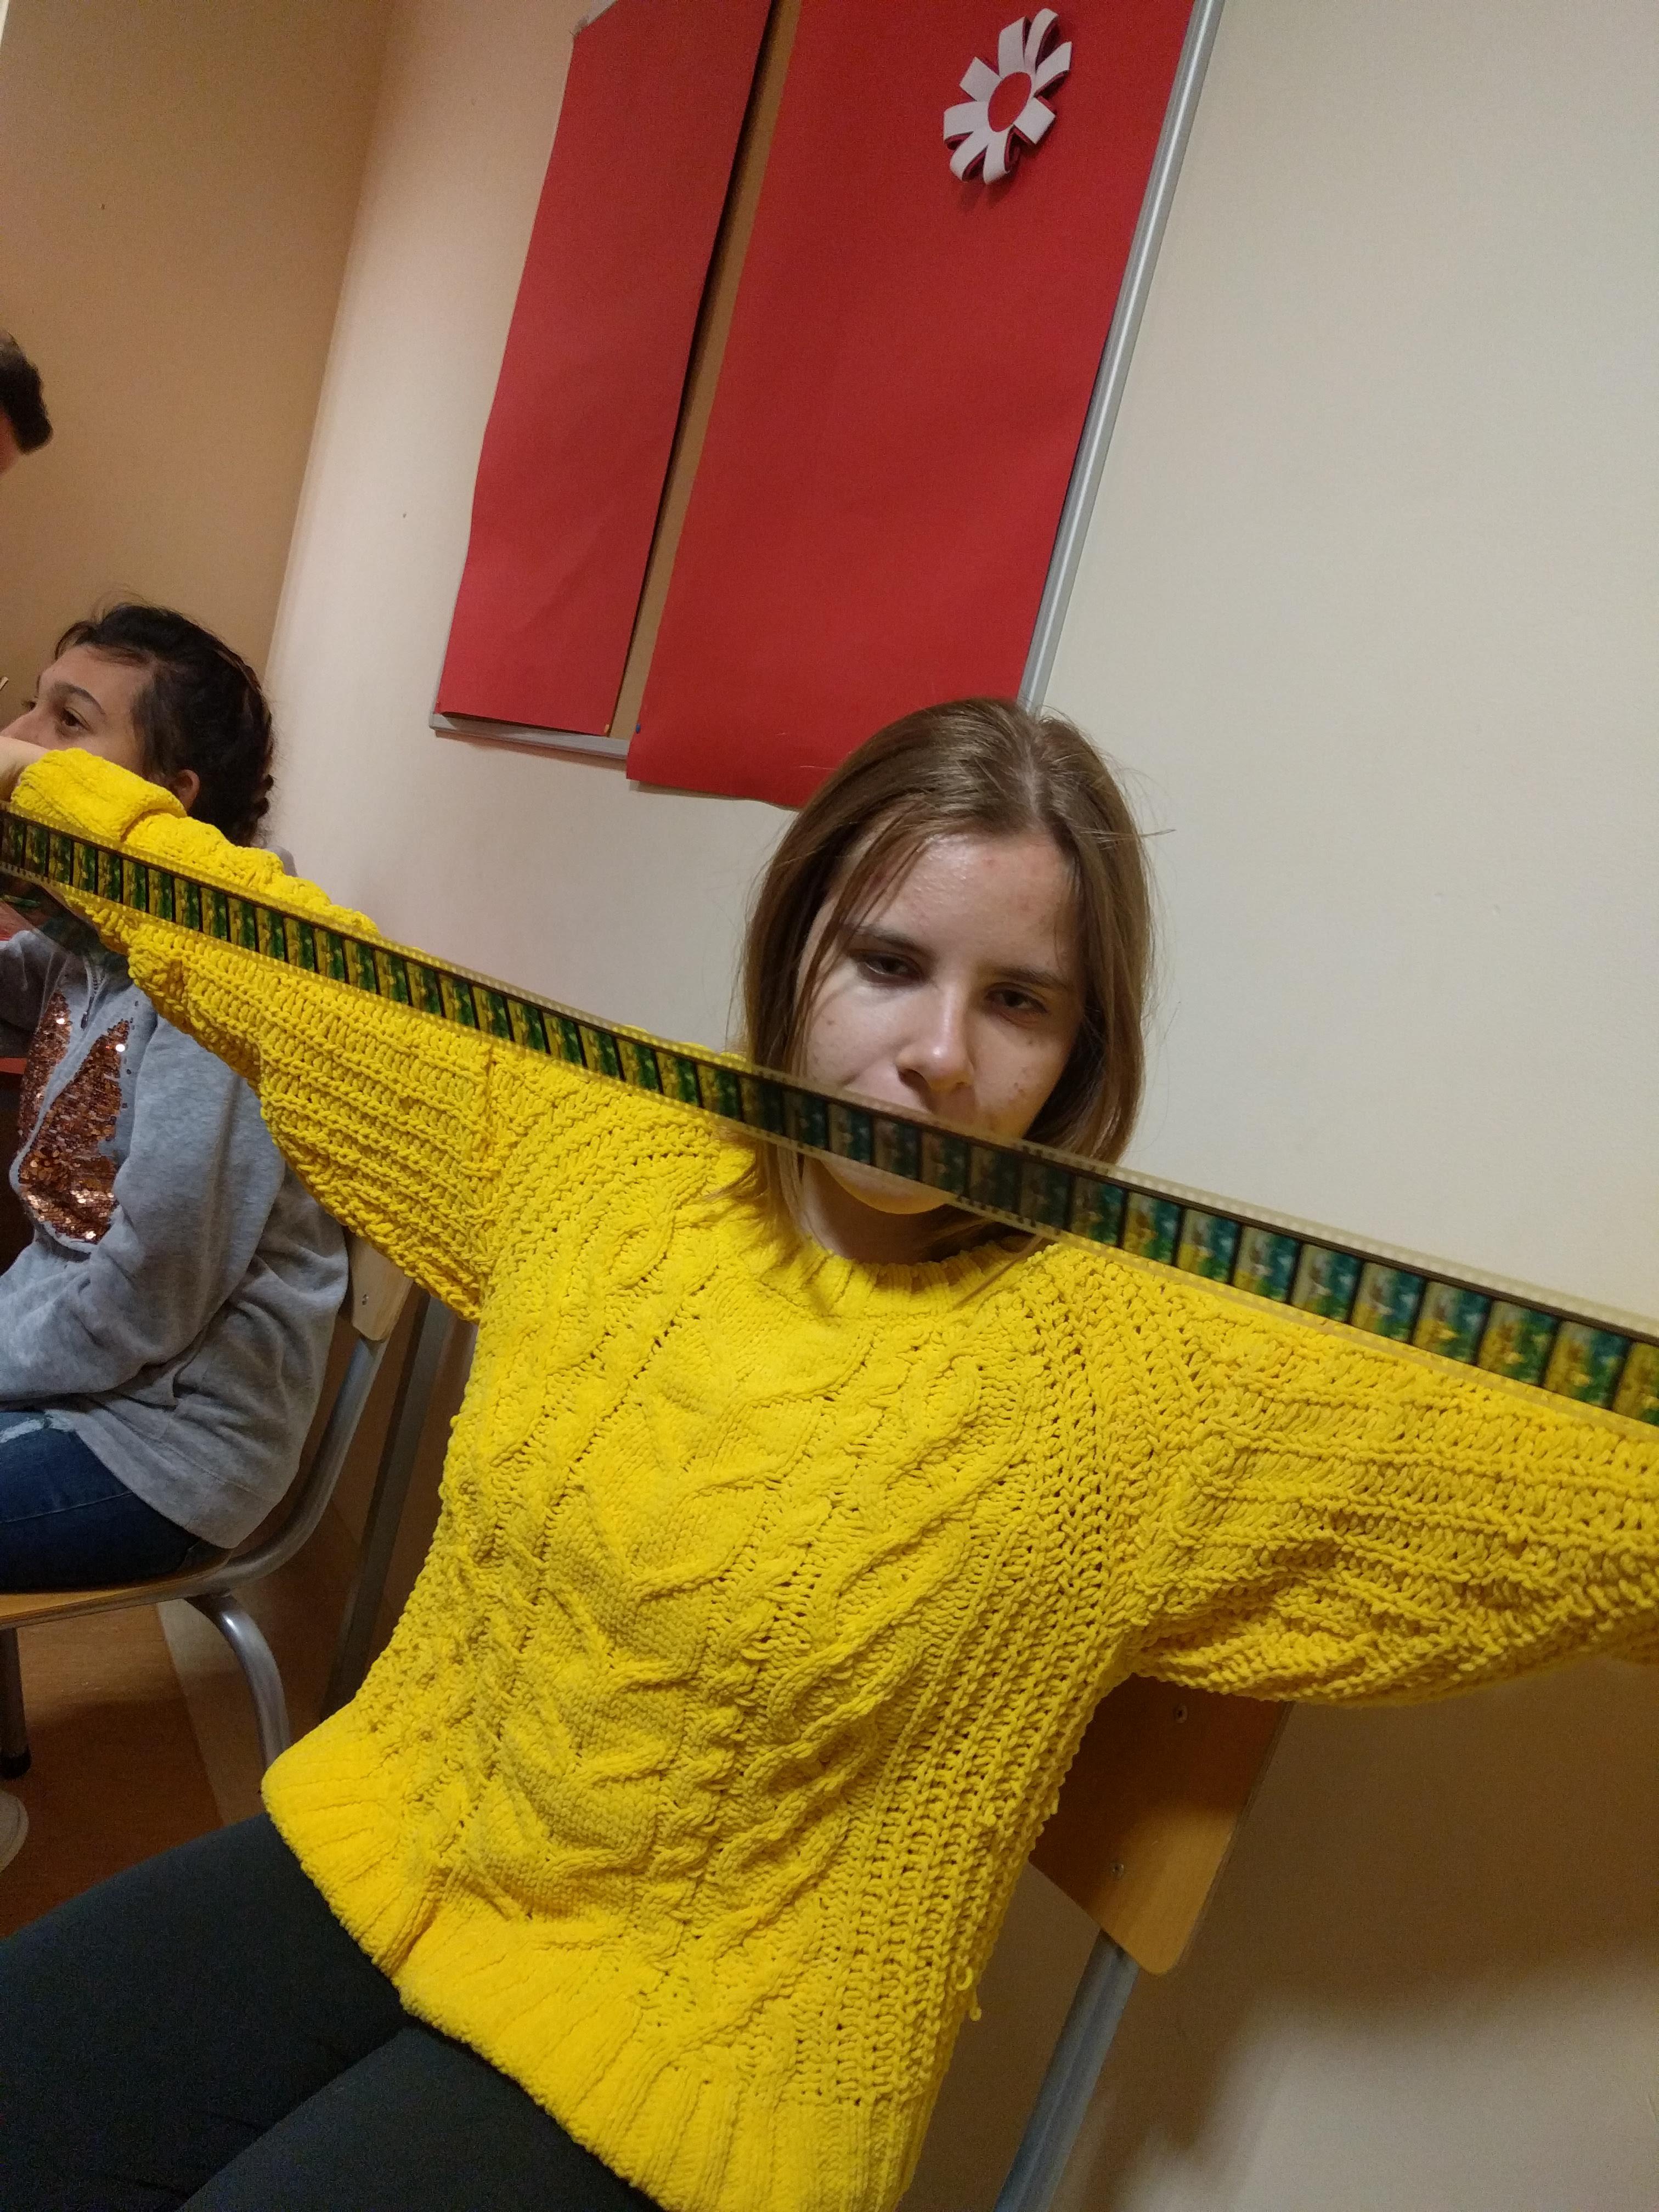 Dziewczyna rozciąga szeroką ręce. trzyma rozwiniętą taśmę filmową.